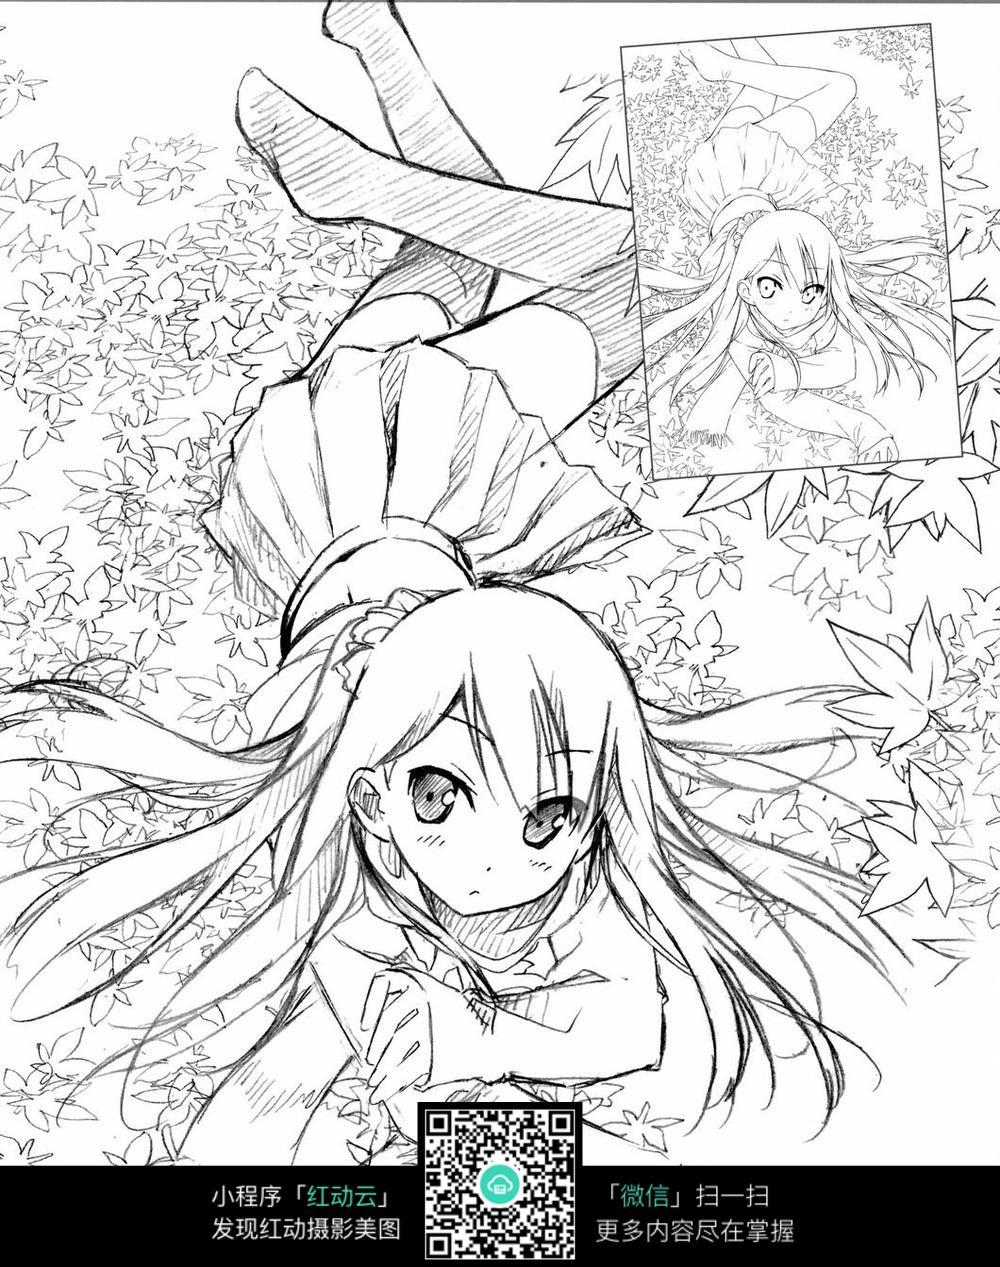 漫画女生全身素描(5)